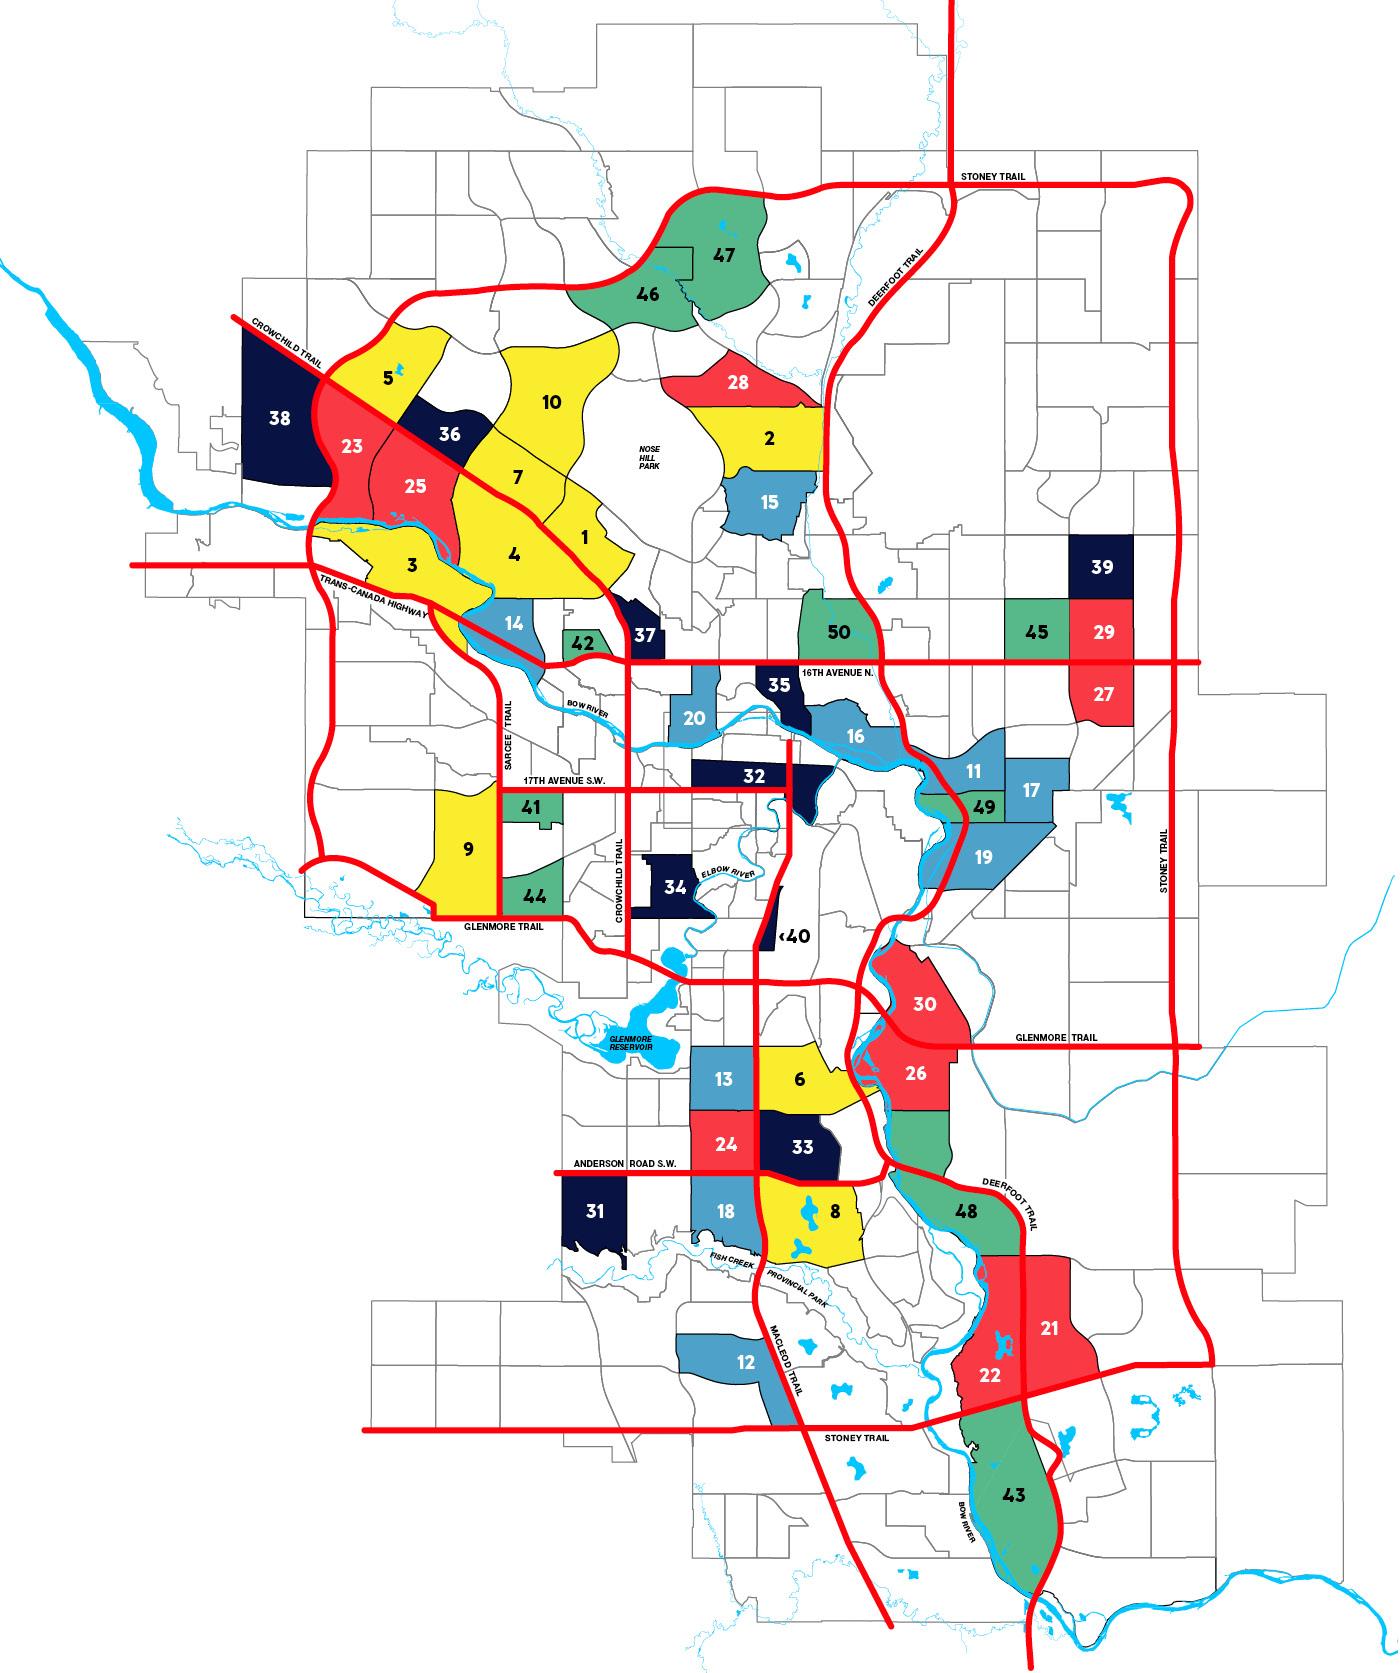 Calgary's Best Neighbourhoods 2019: The Full List and Map ... on flag list, print list, queue list, shop list, food list, mexico states and capitals list, city list, faq list,